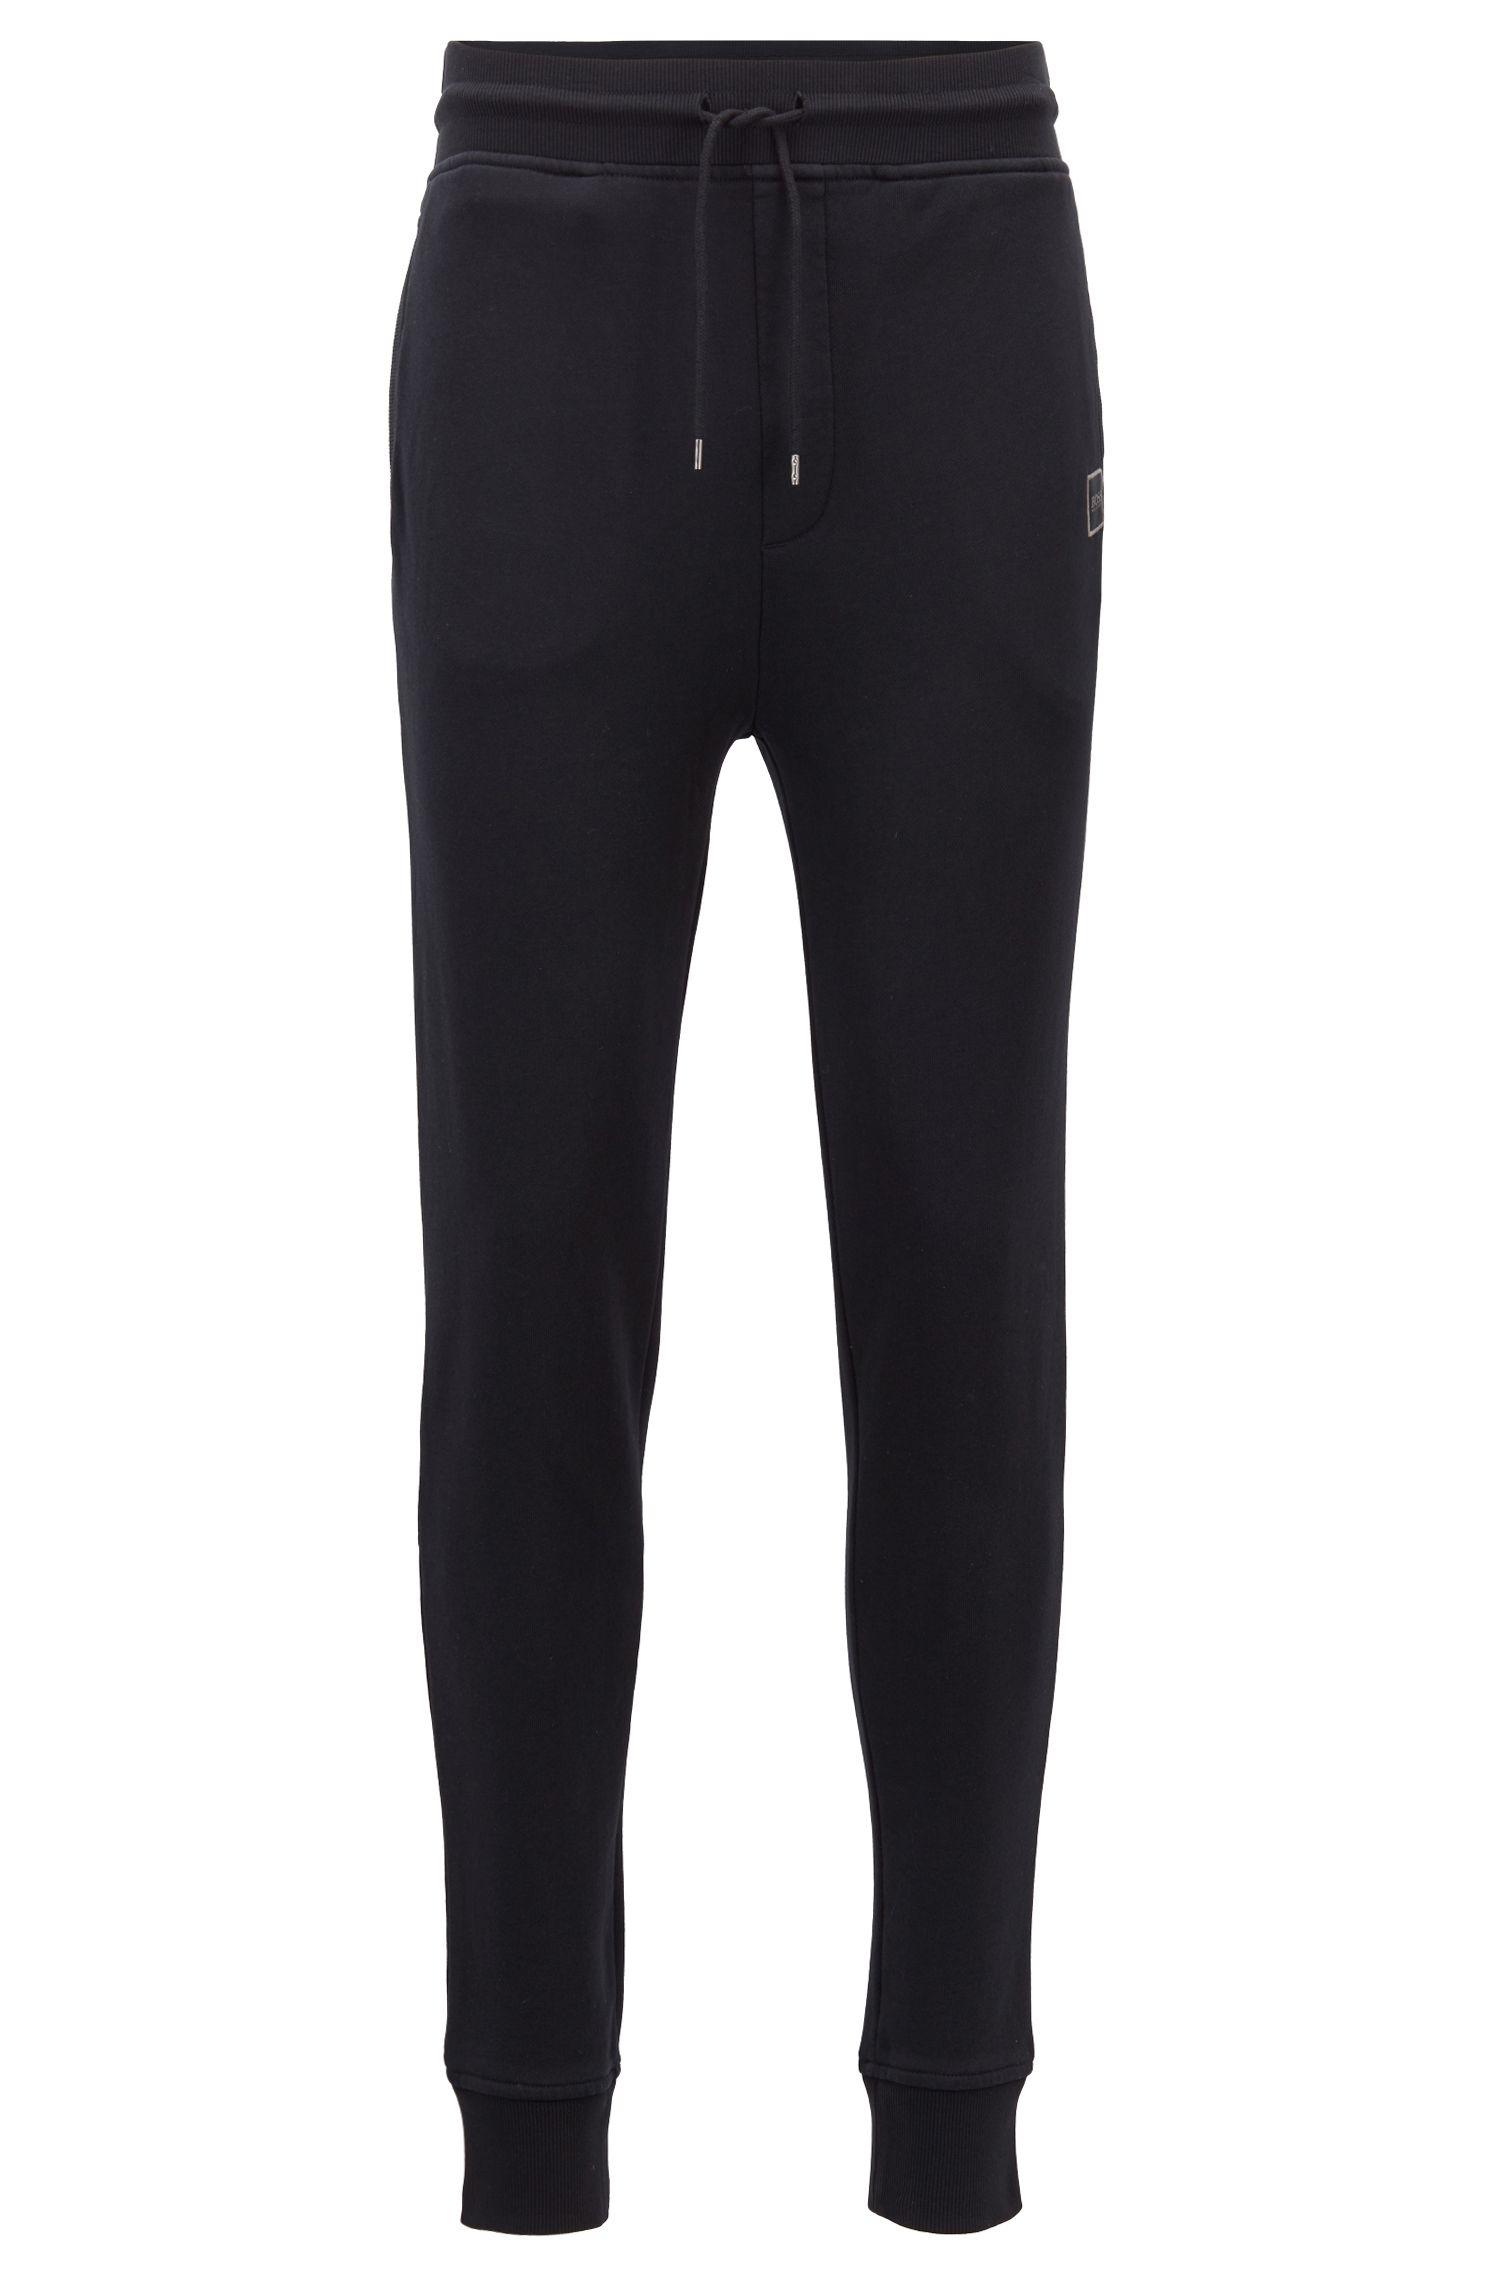 Pantalon de jogging resserré au bas des jambes en molleton French Terry, avec logo tissé, Noir